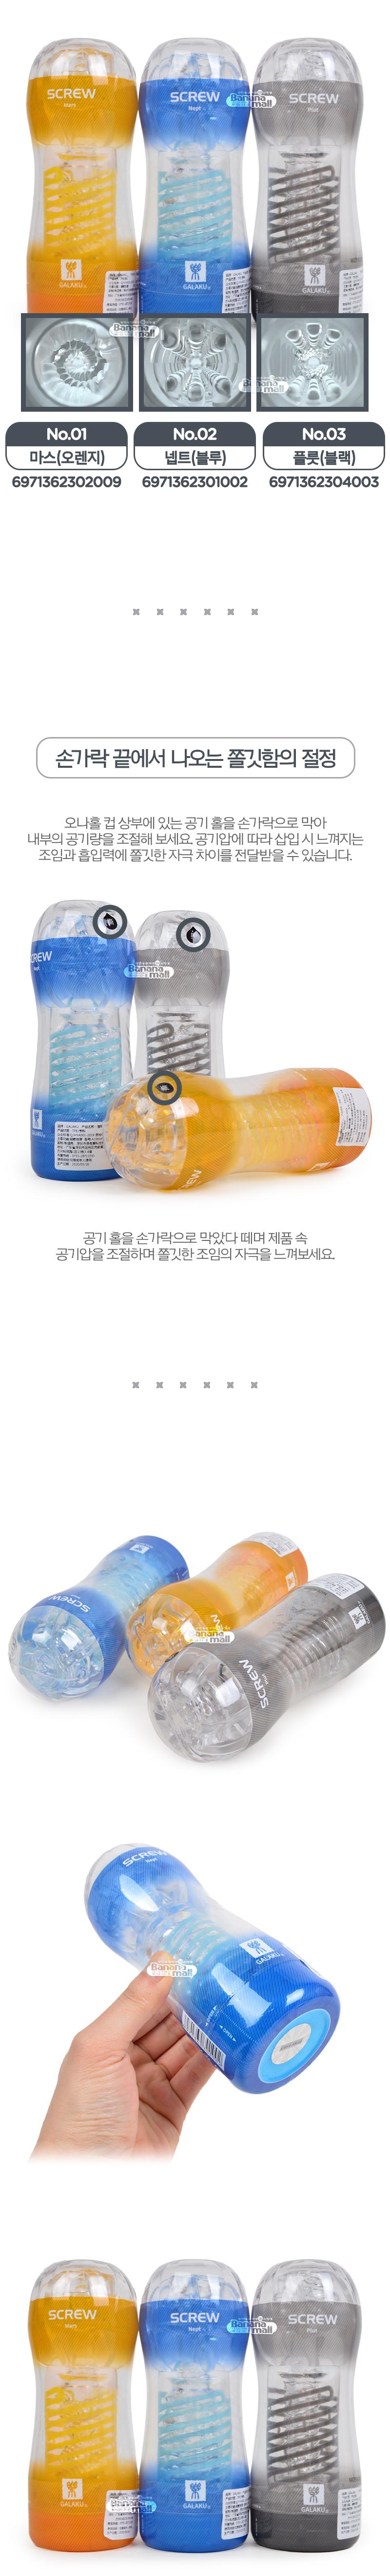 [오나홀 컵] 스크류 오나홀 컵(Screw Onahole Cup)